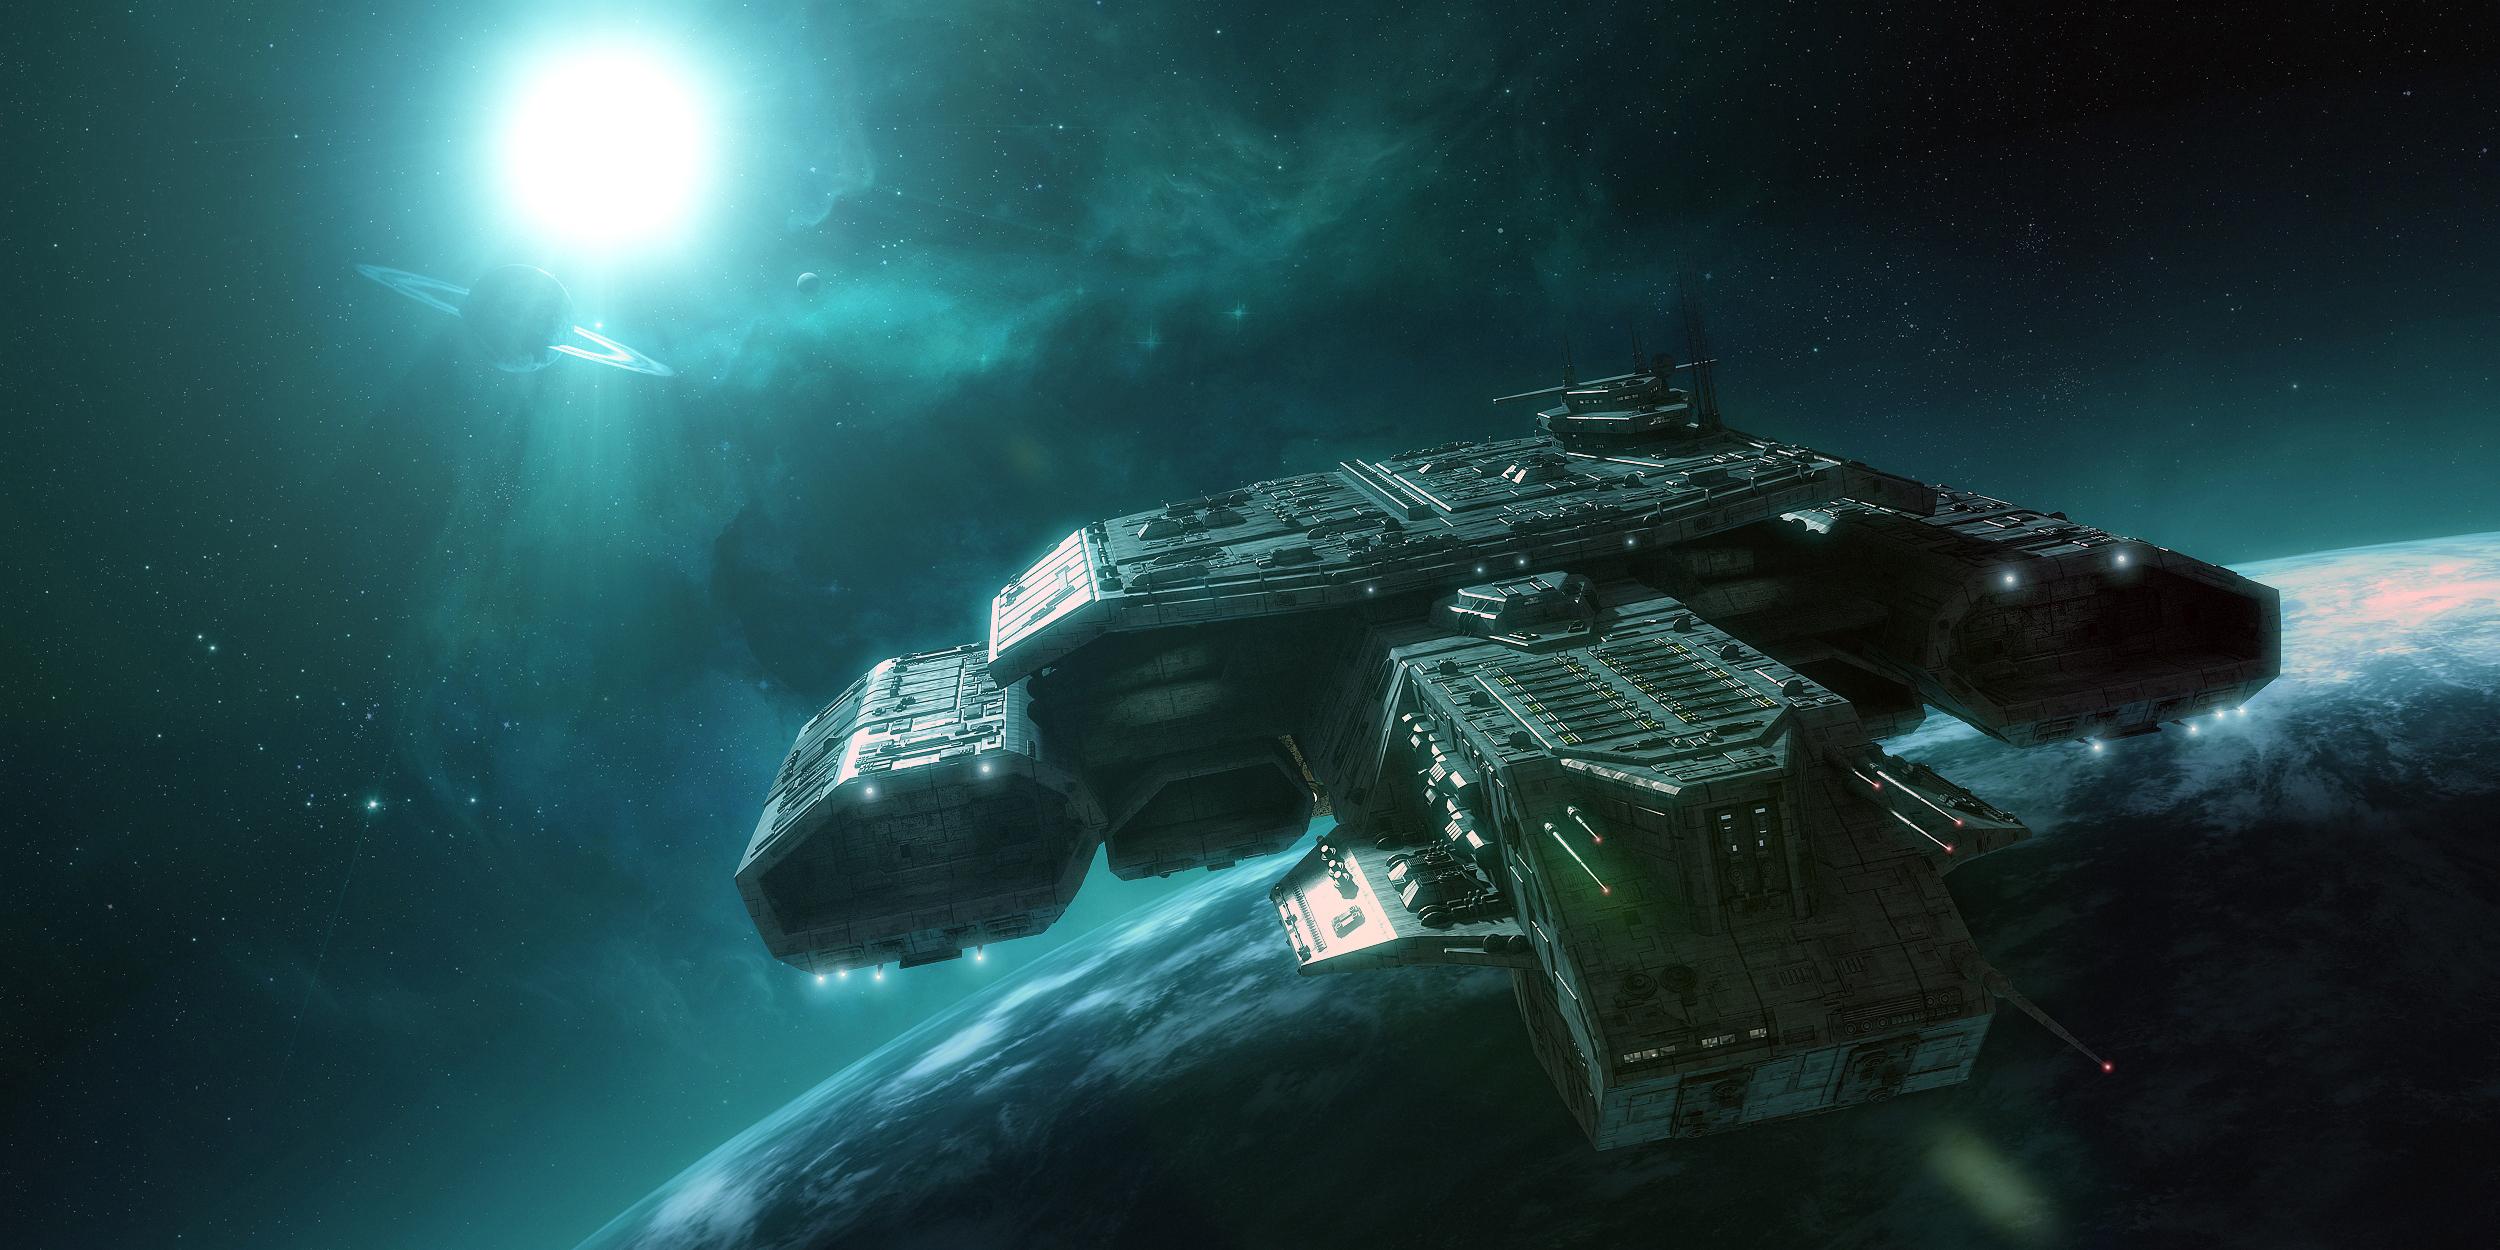 Sci Fi Wallpaper HD 2500x1250